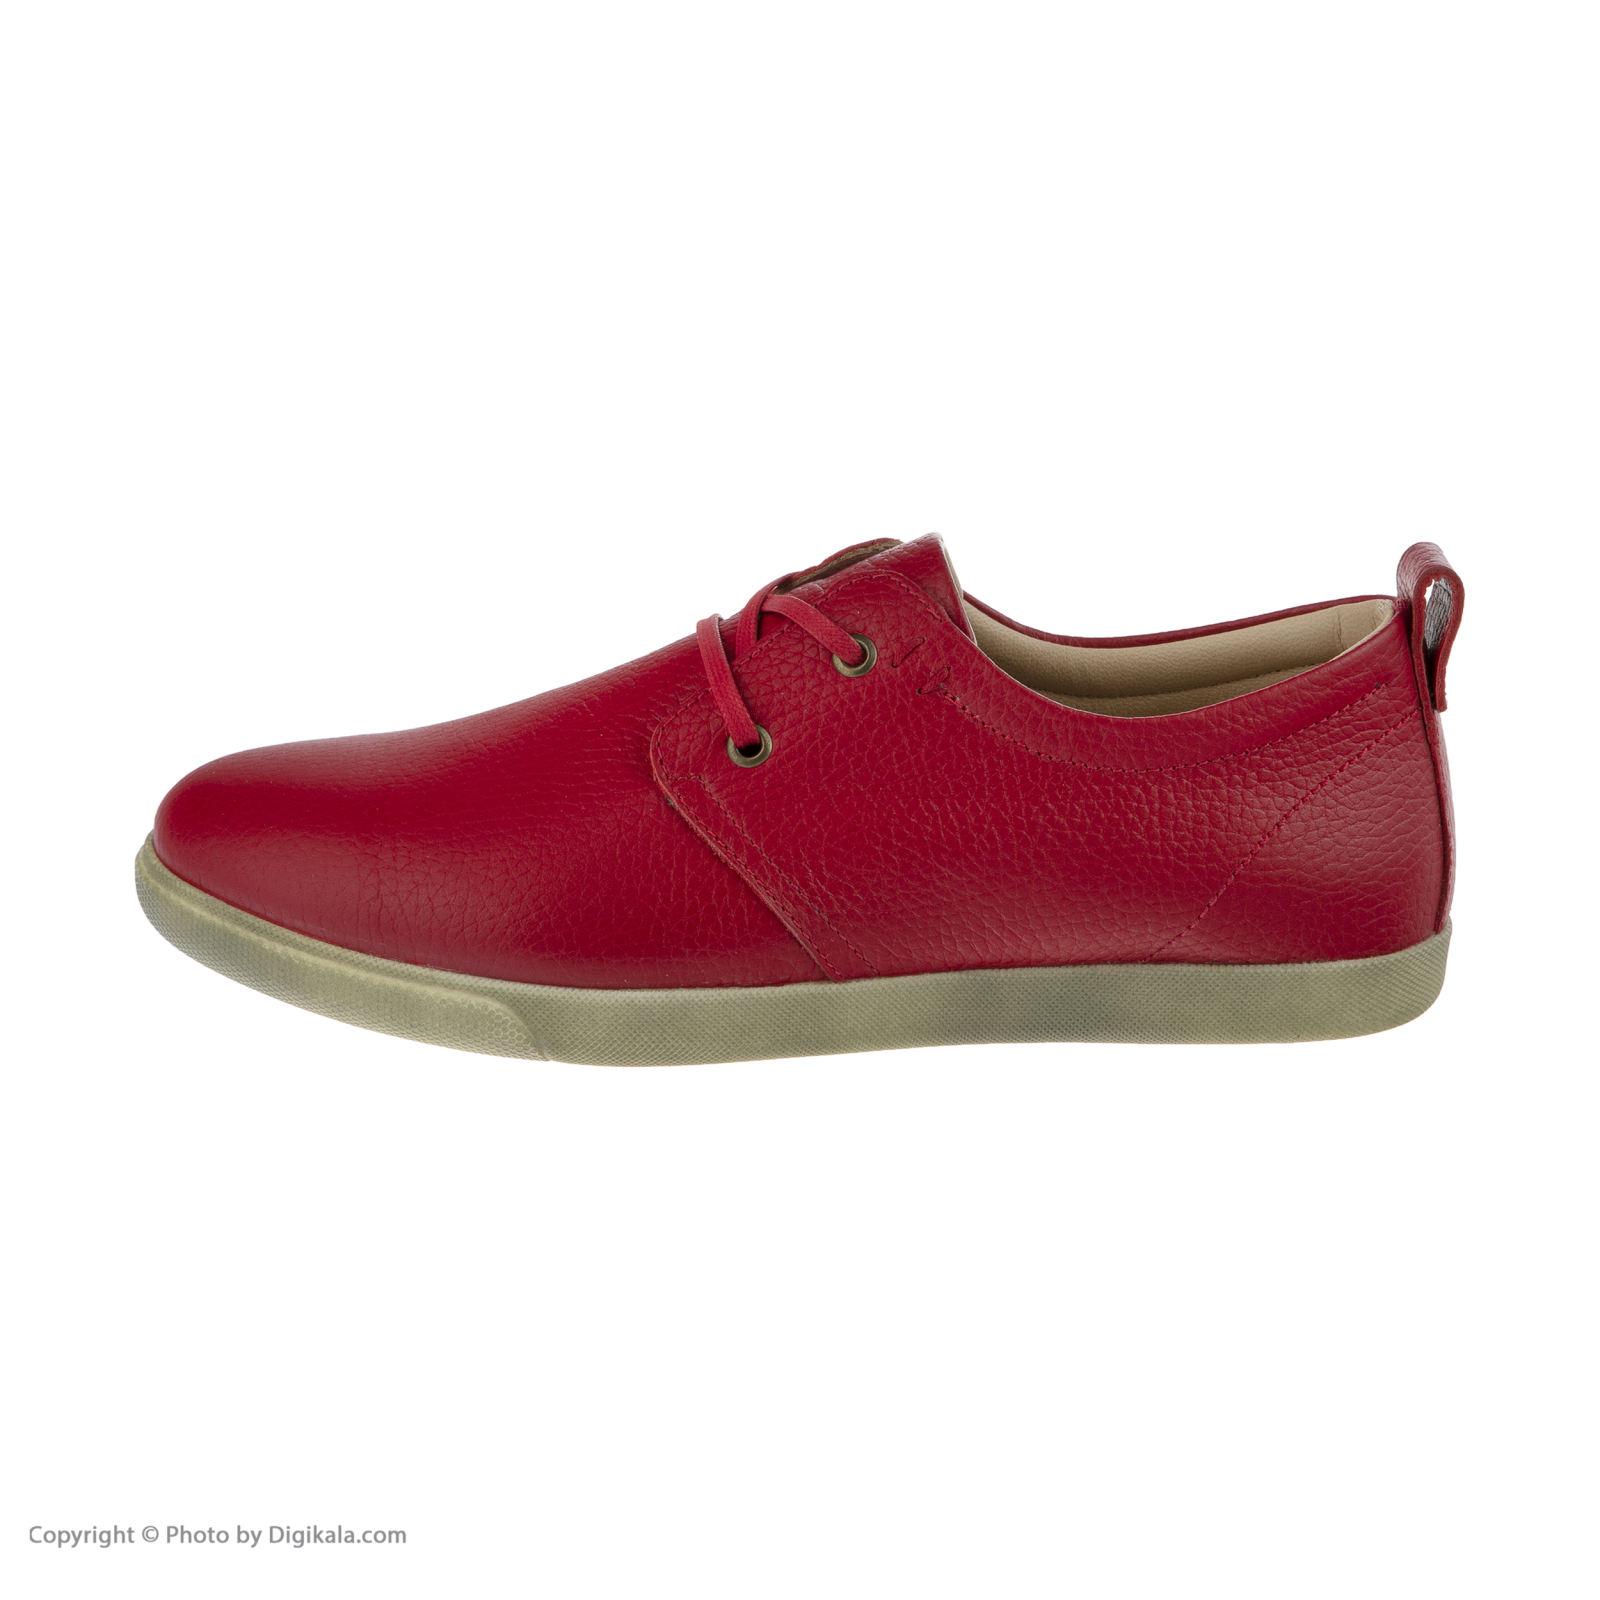 تصویر کفش روزمره زنانه برتونیکس مدل 155-B-024